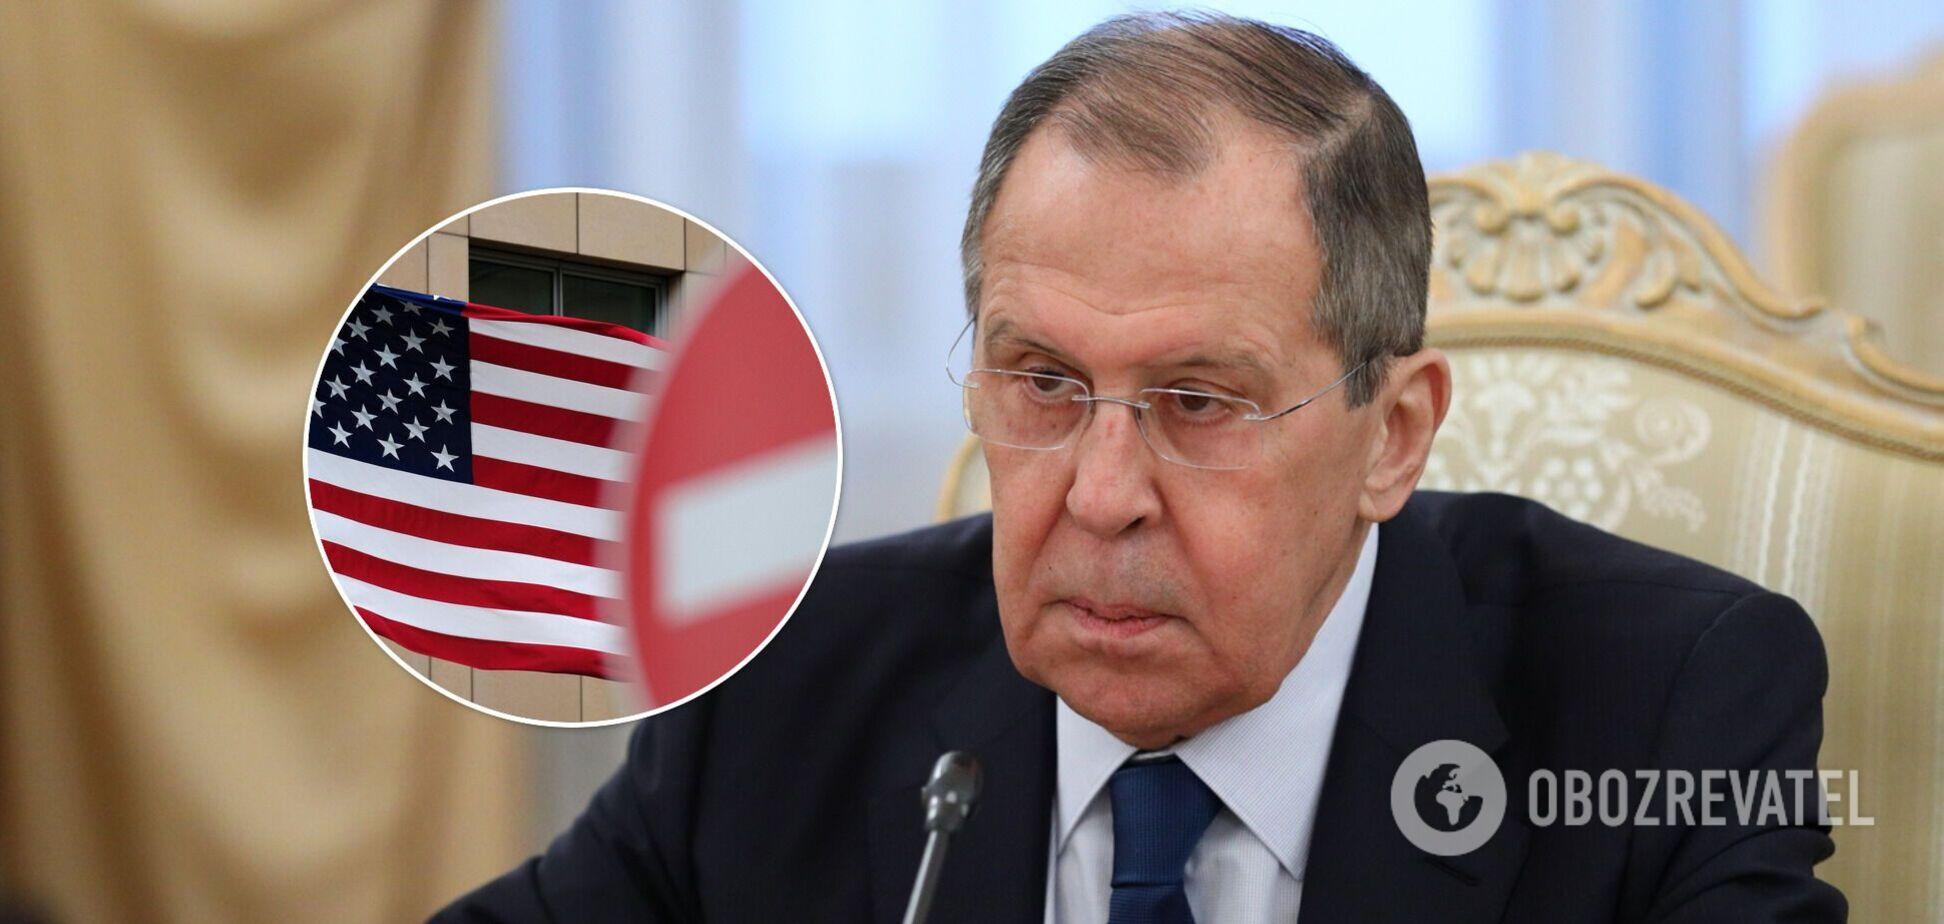 Лавров ответил Байдену: санкции США по плечу России. Список зеркальных ограничений